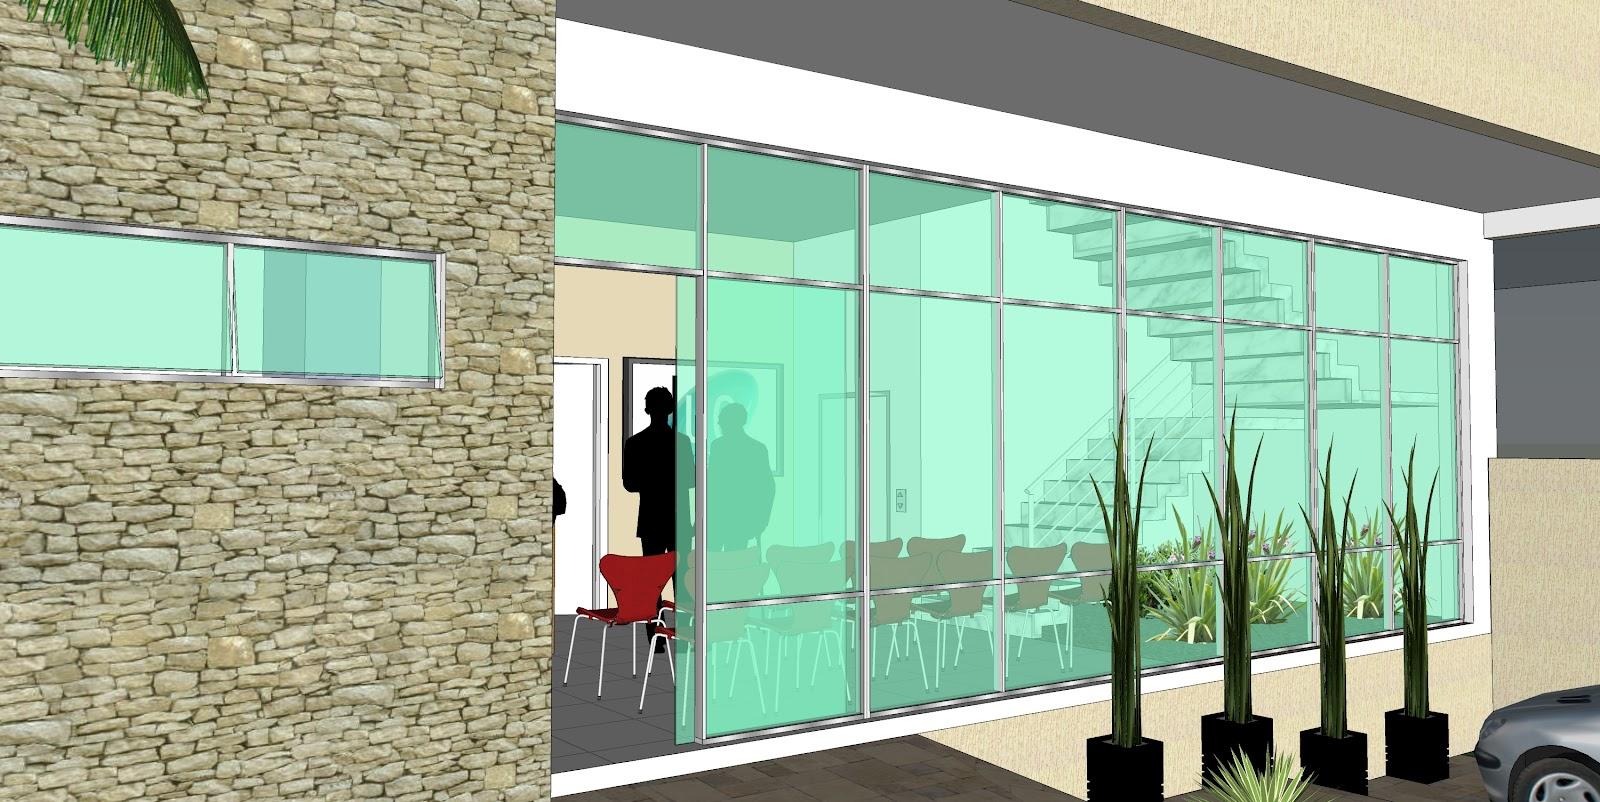 banheiros adaptados e circulações com dimensões conforme NBR9050 #2AA16E 1600x802 Banheiro Acessivel Dimensoes Minimas